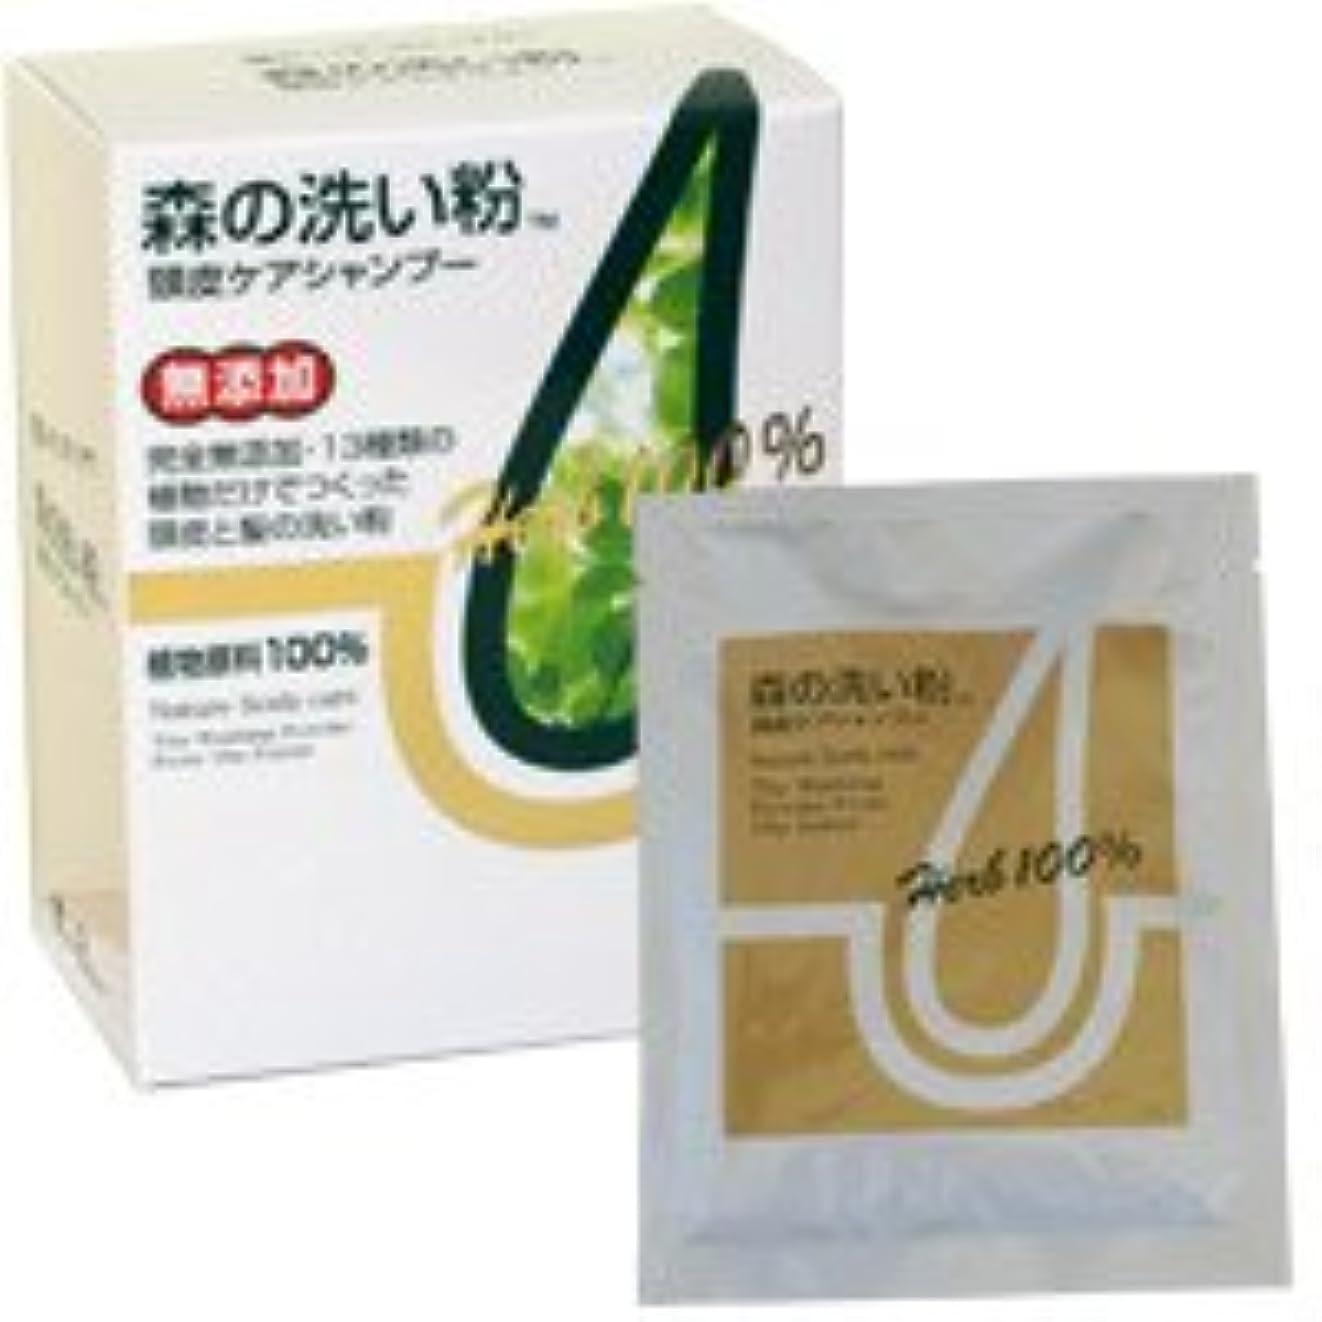 つかの間紀元前フェッチDr.ノグチ 森の洗い粉 頭皮ケアシャンプー 20g×10袋/1箱 (1ヶ月分)